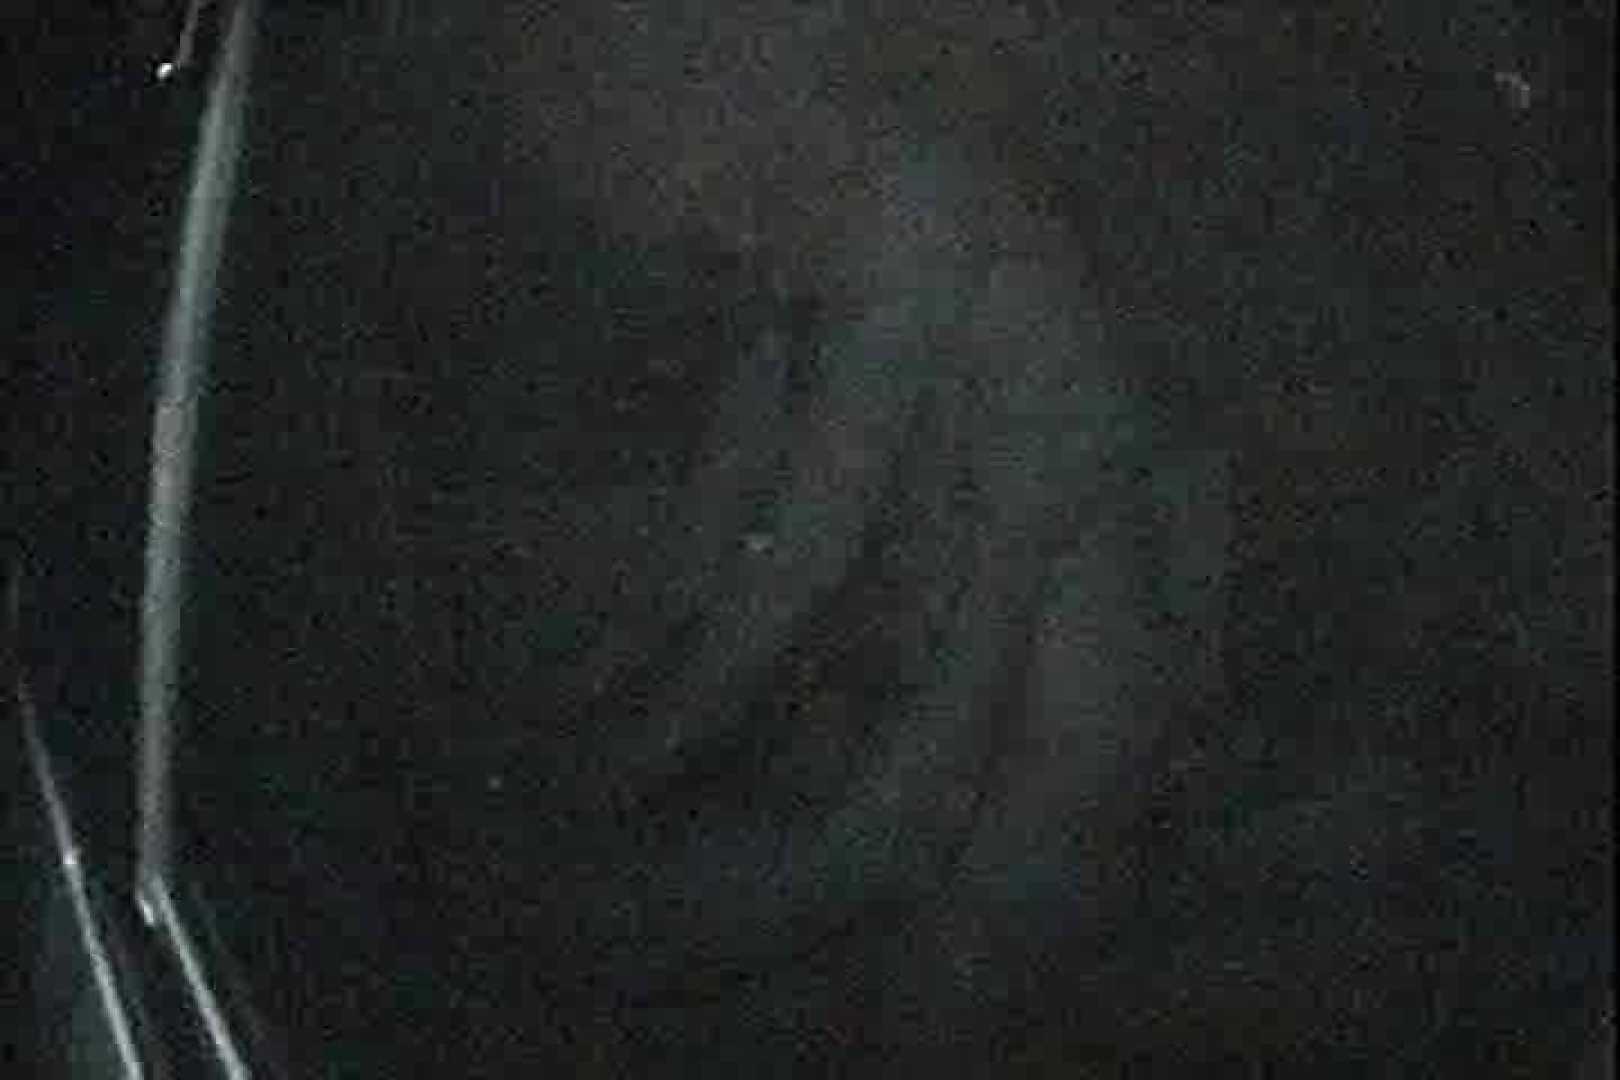 充血監督の深夜の運動会Vol.39 エロティックなOL セックス無修正動画無料 56画像 44